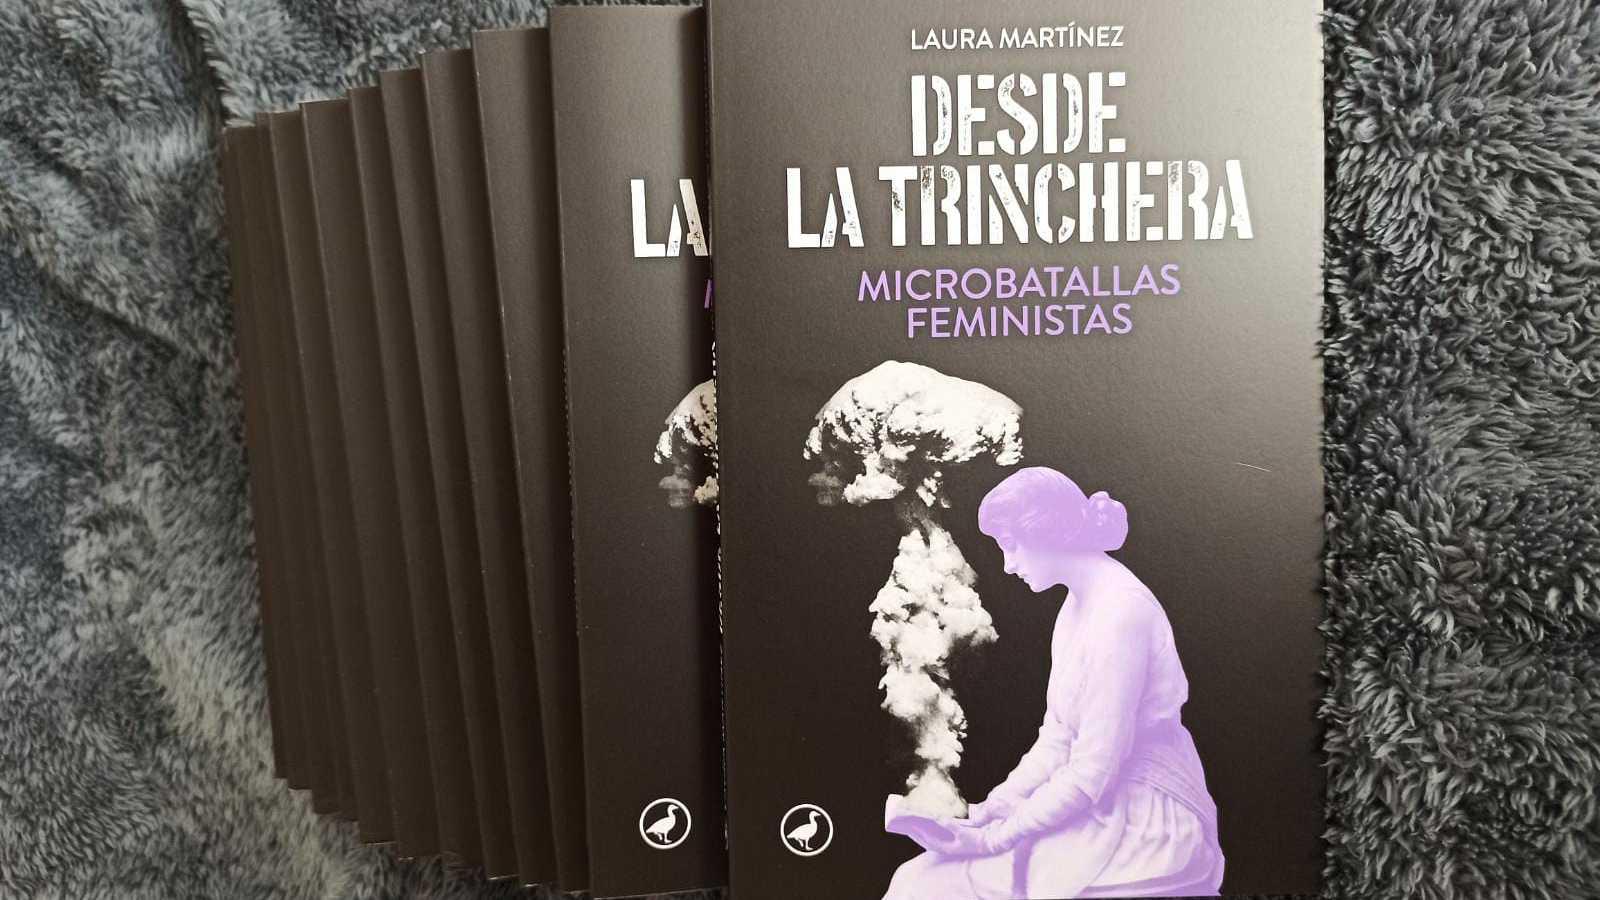 Artesfera - Desde la Trinchera. Microbatallas feministas - 22/03/21 - escuchar ahora